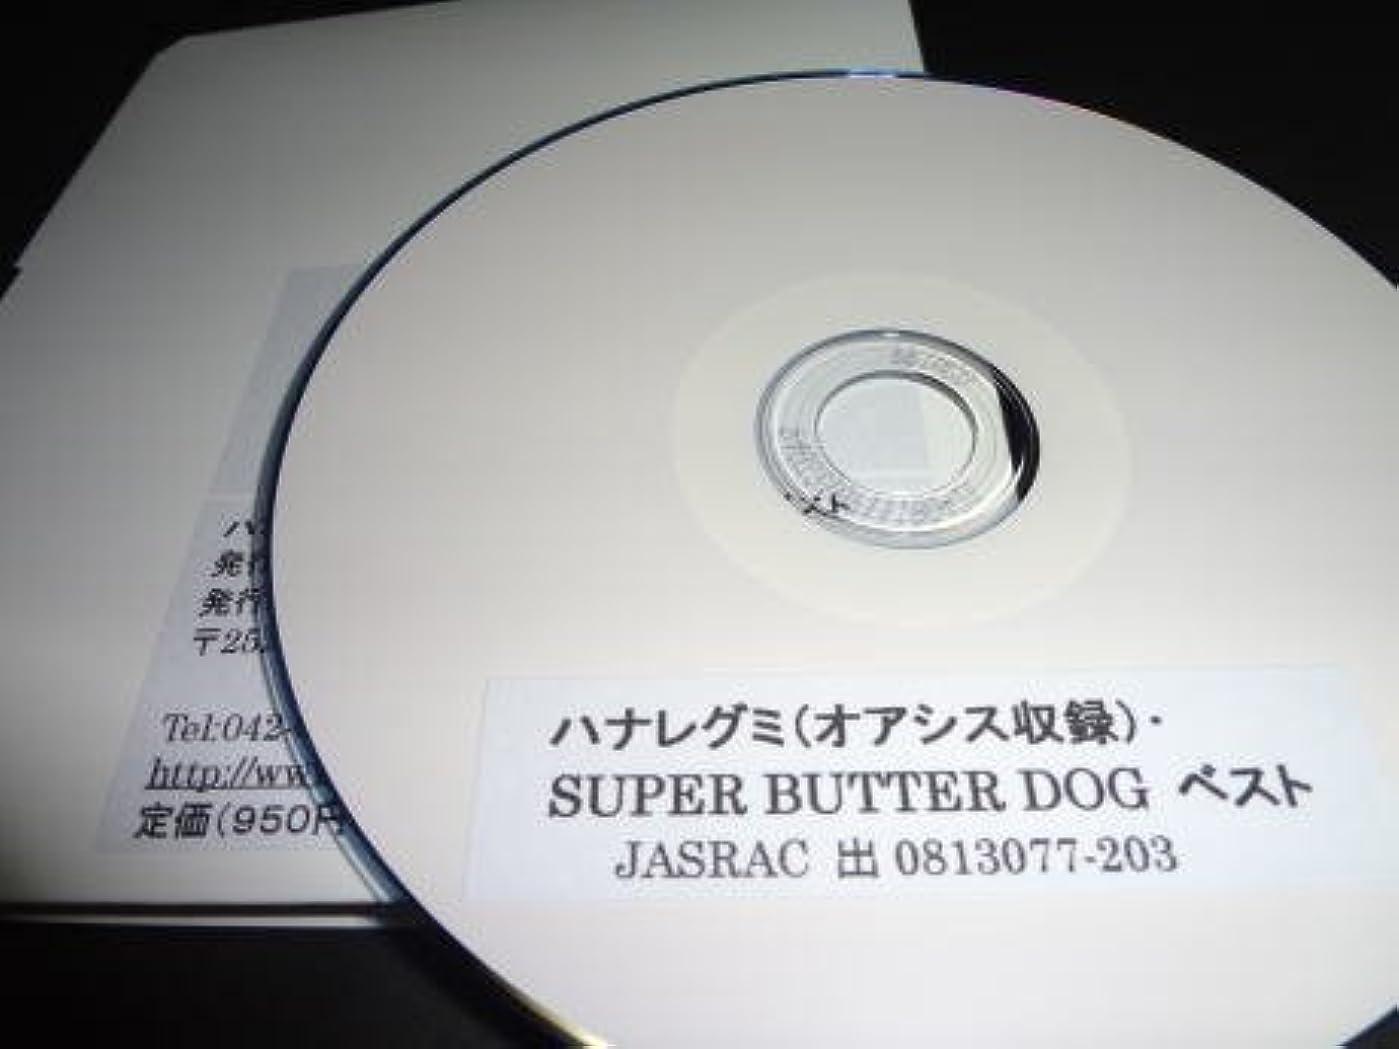 印をつける意味する型ギターコード譜シリーズ(CD-R版)/ハナレグミ?SUPER BUTTER DOG ベスト(全54曲収録)